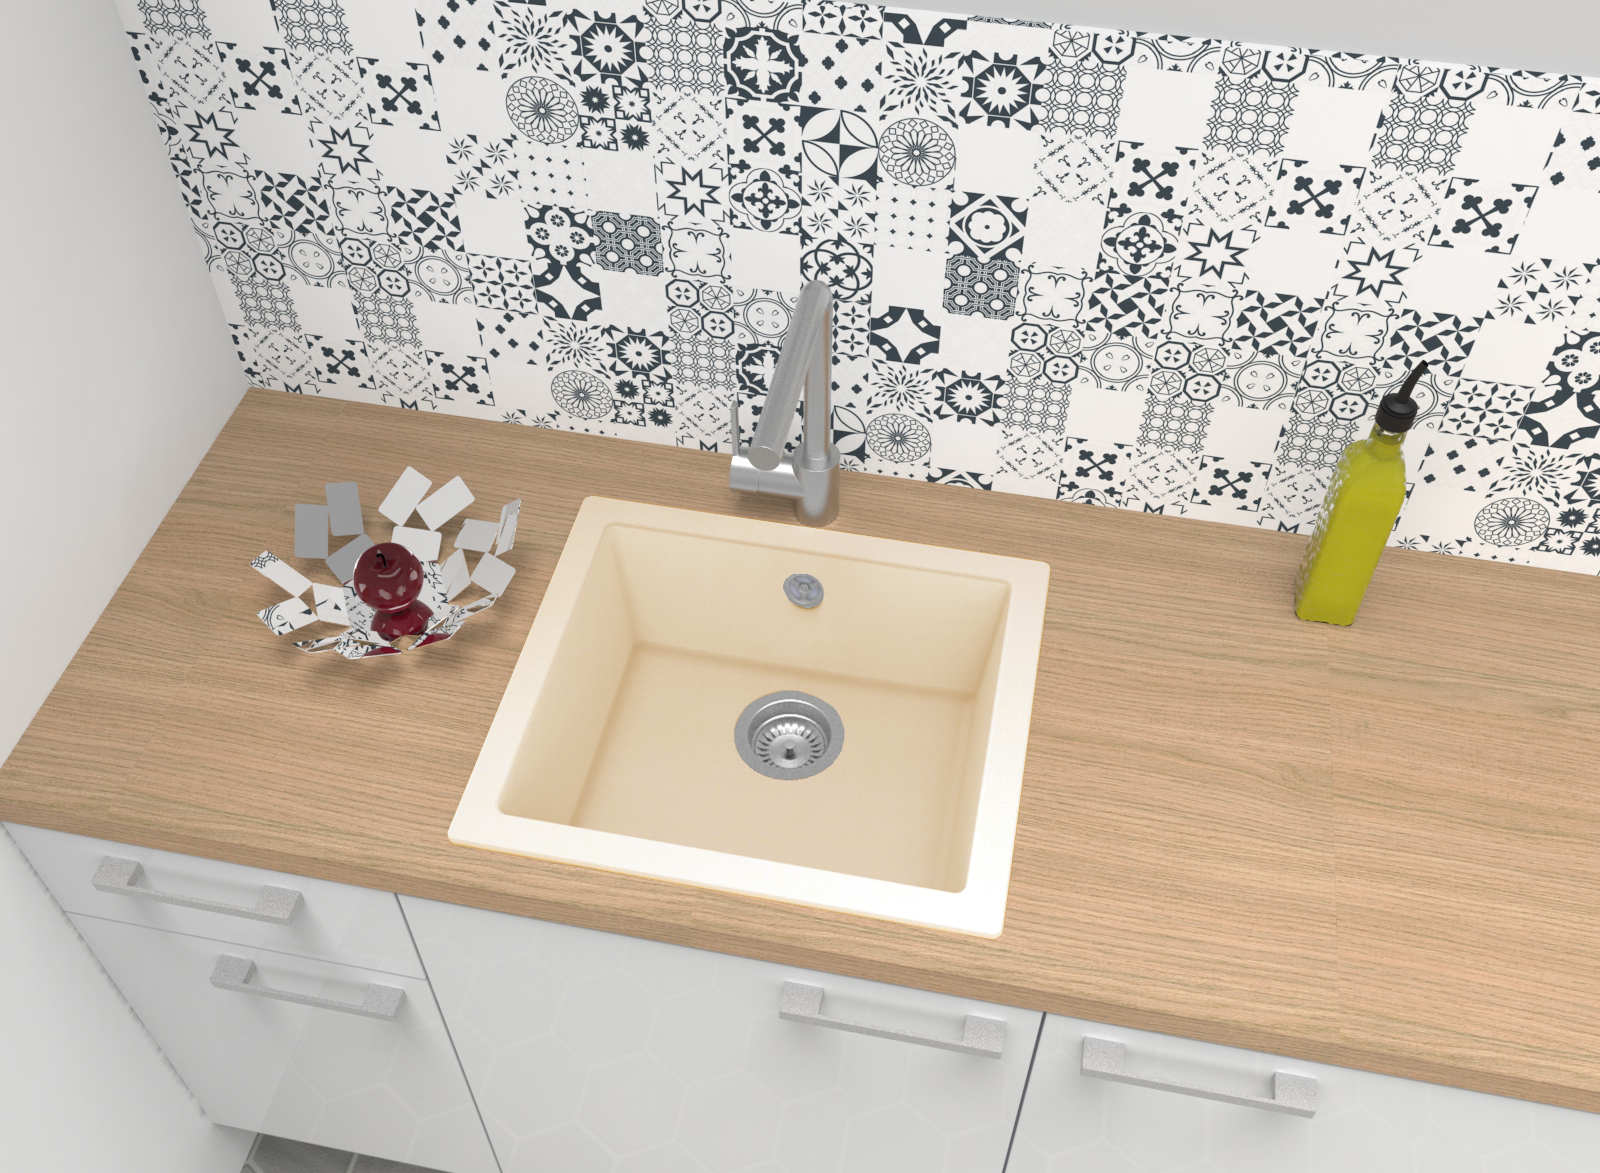 Spüle Küchenspüle Einbauspüle Spülbecken Granit Mineralite 50x44 beige respekta